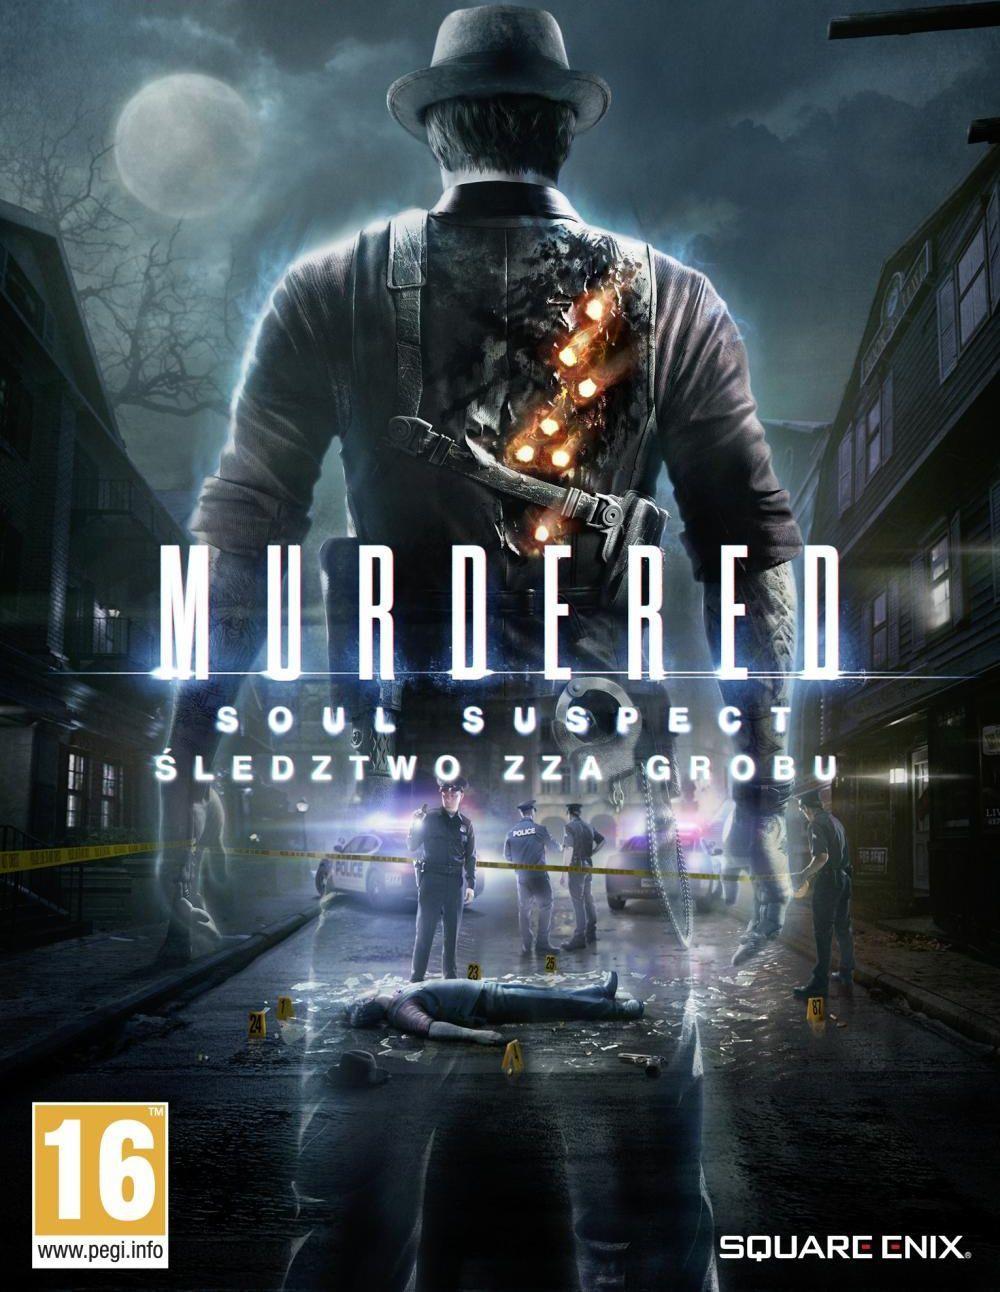 Murdered: Śledztwo zza grobu, ESD 1